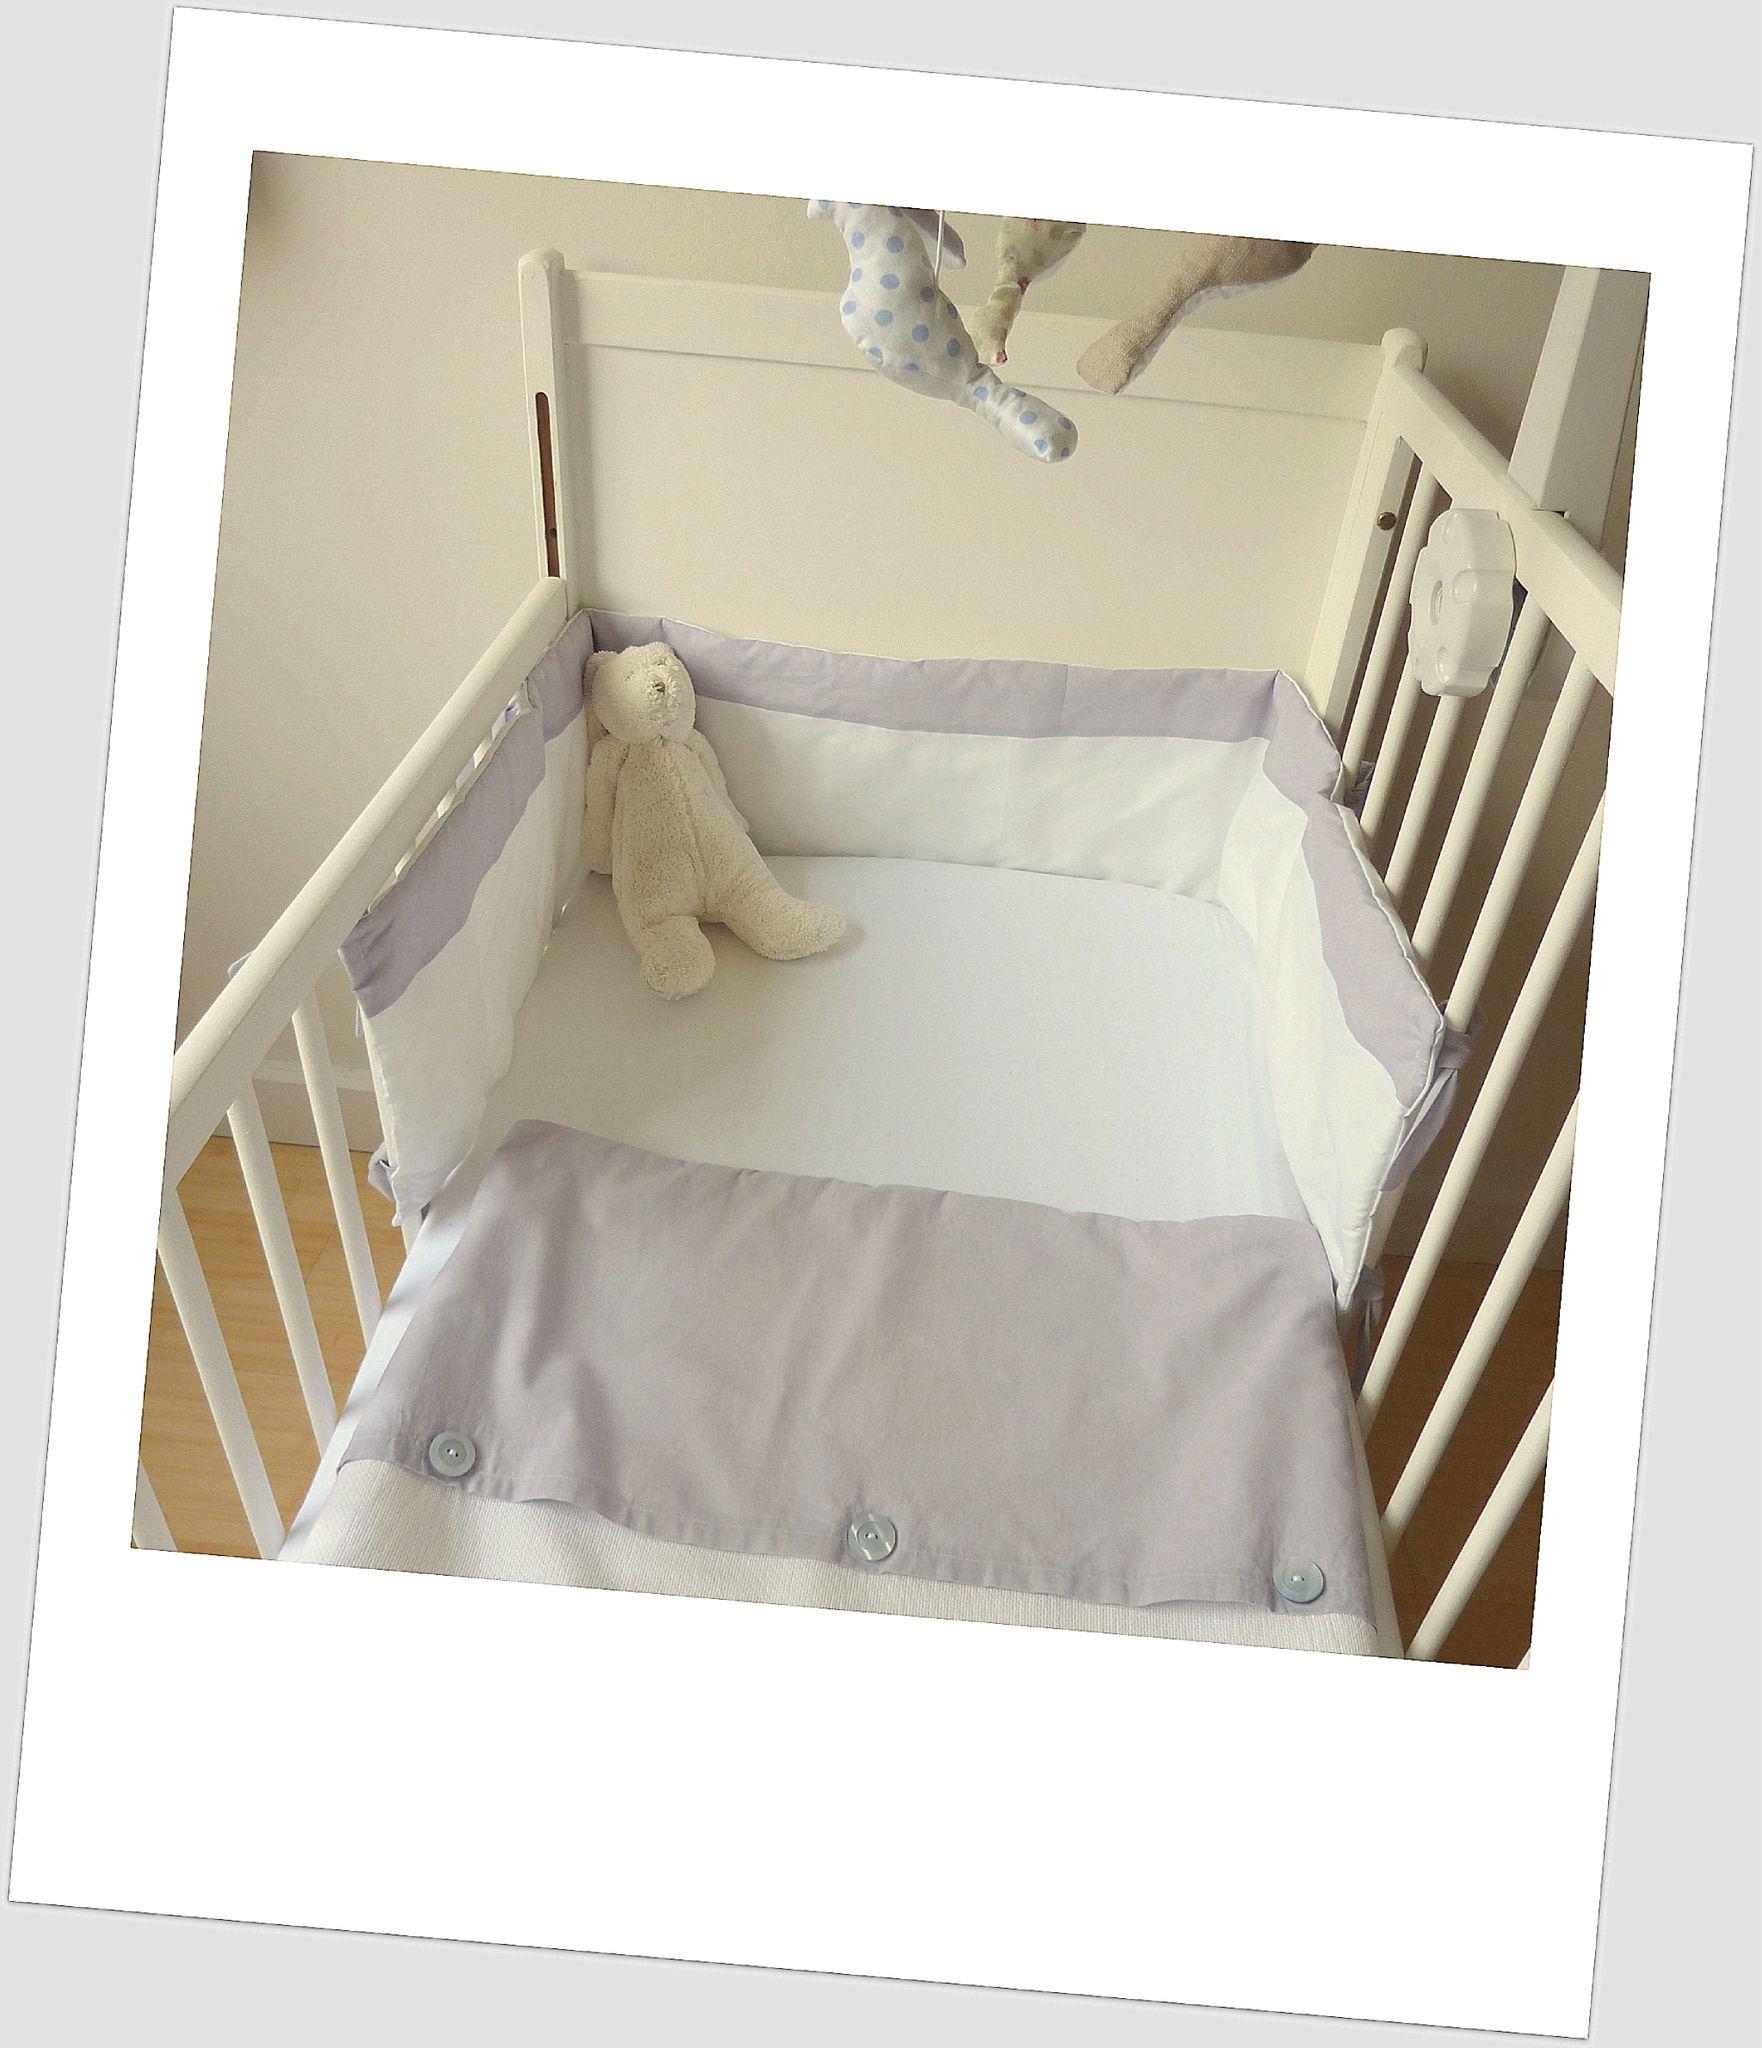 Tour de lit bebe lit sans barreaux - Comment mettre le tour de lit ...